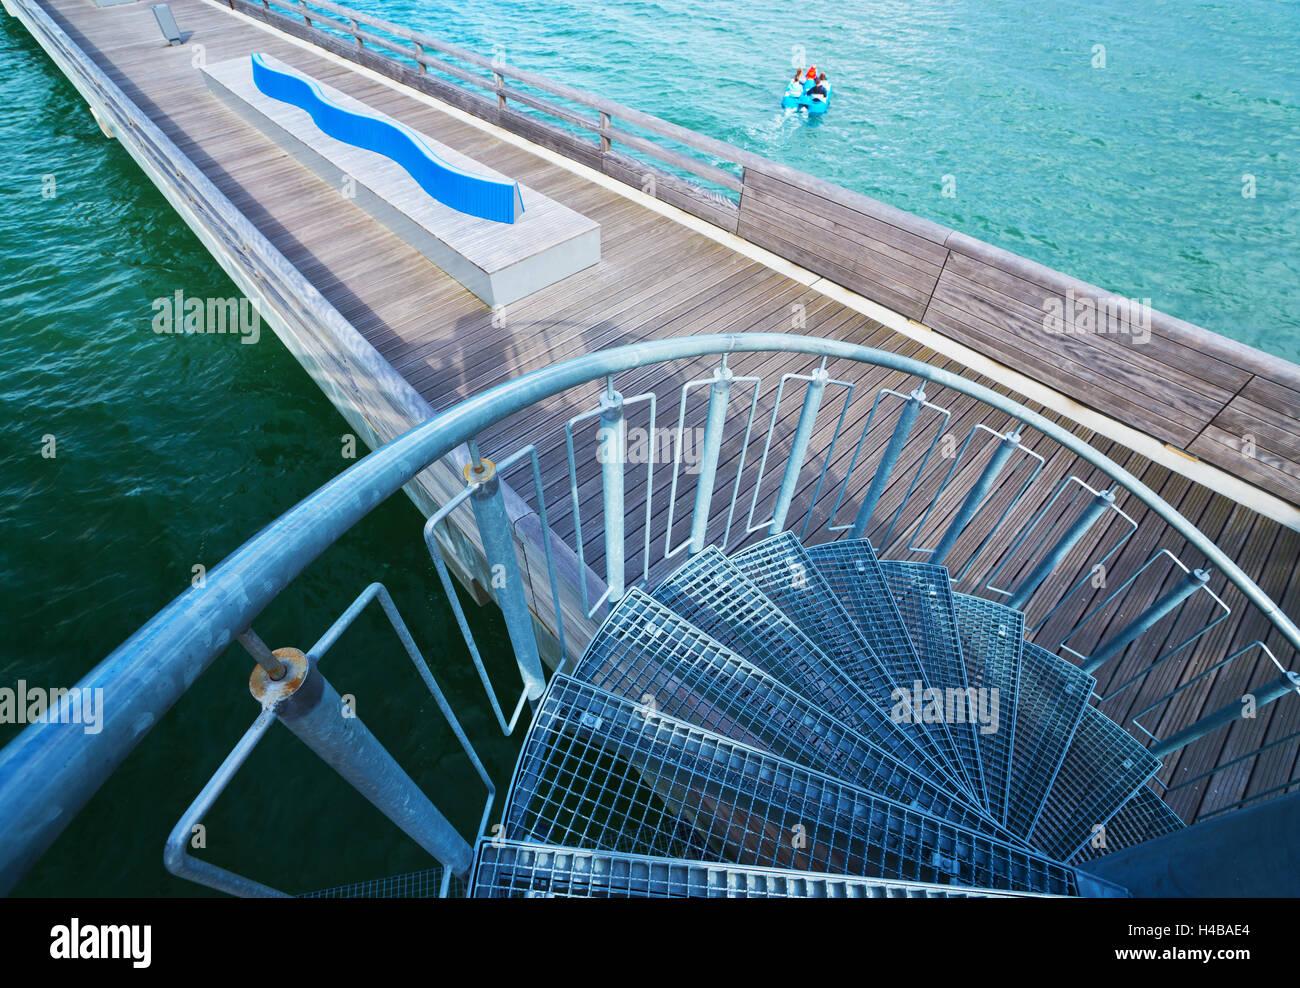 Detailansicht des Piers in Heiligenhafen, Ostsee Stockbild